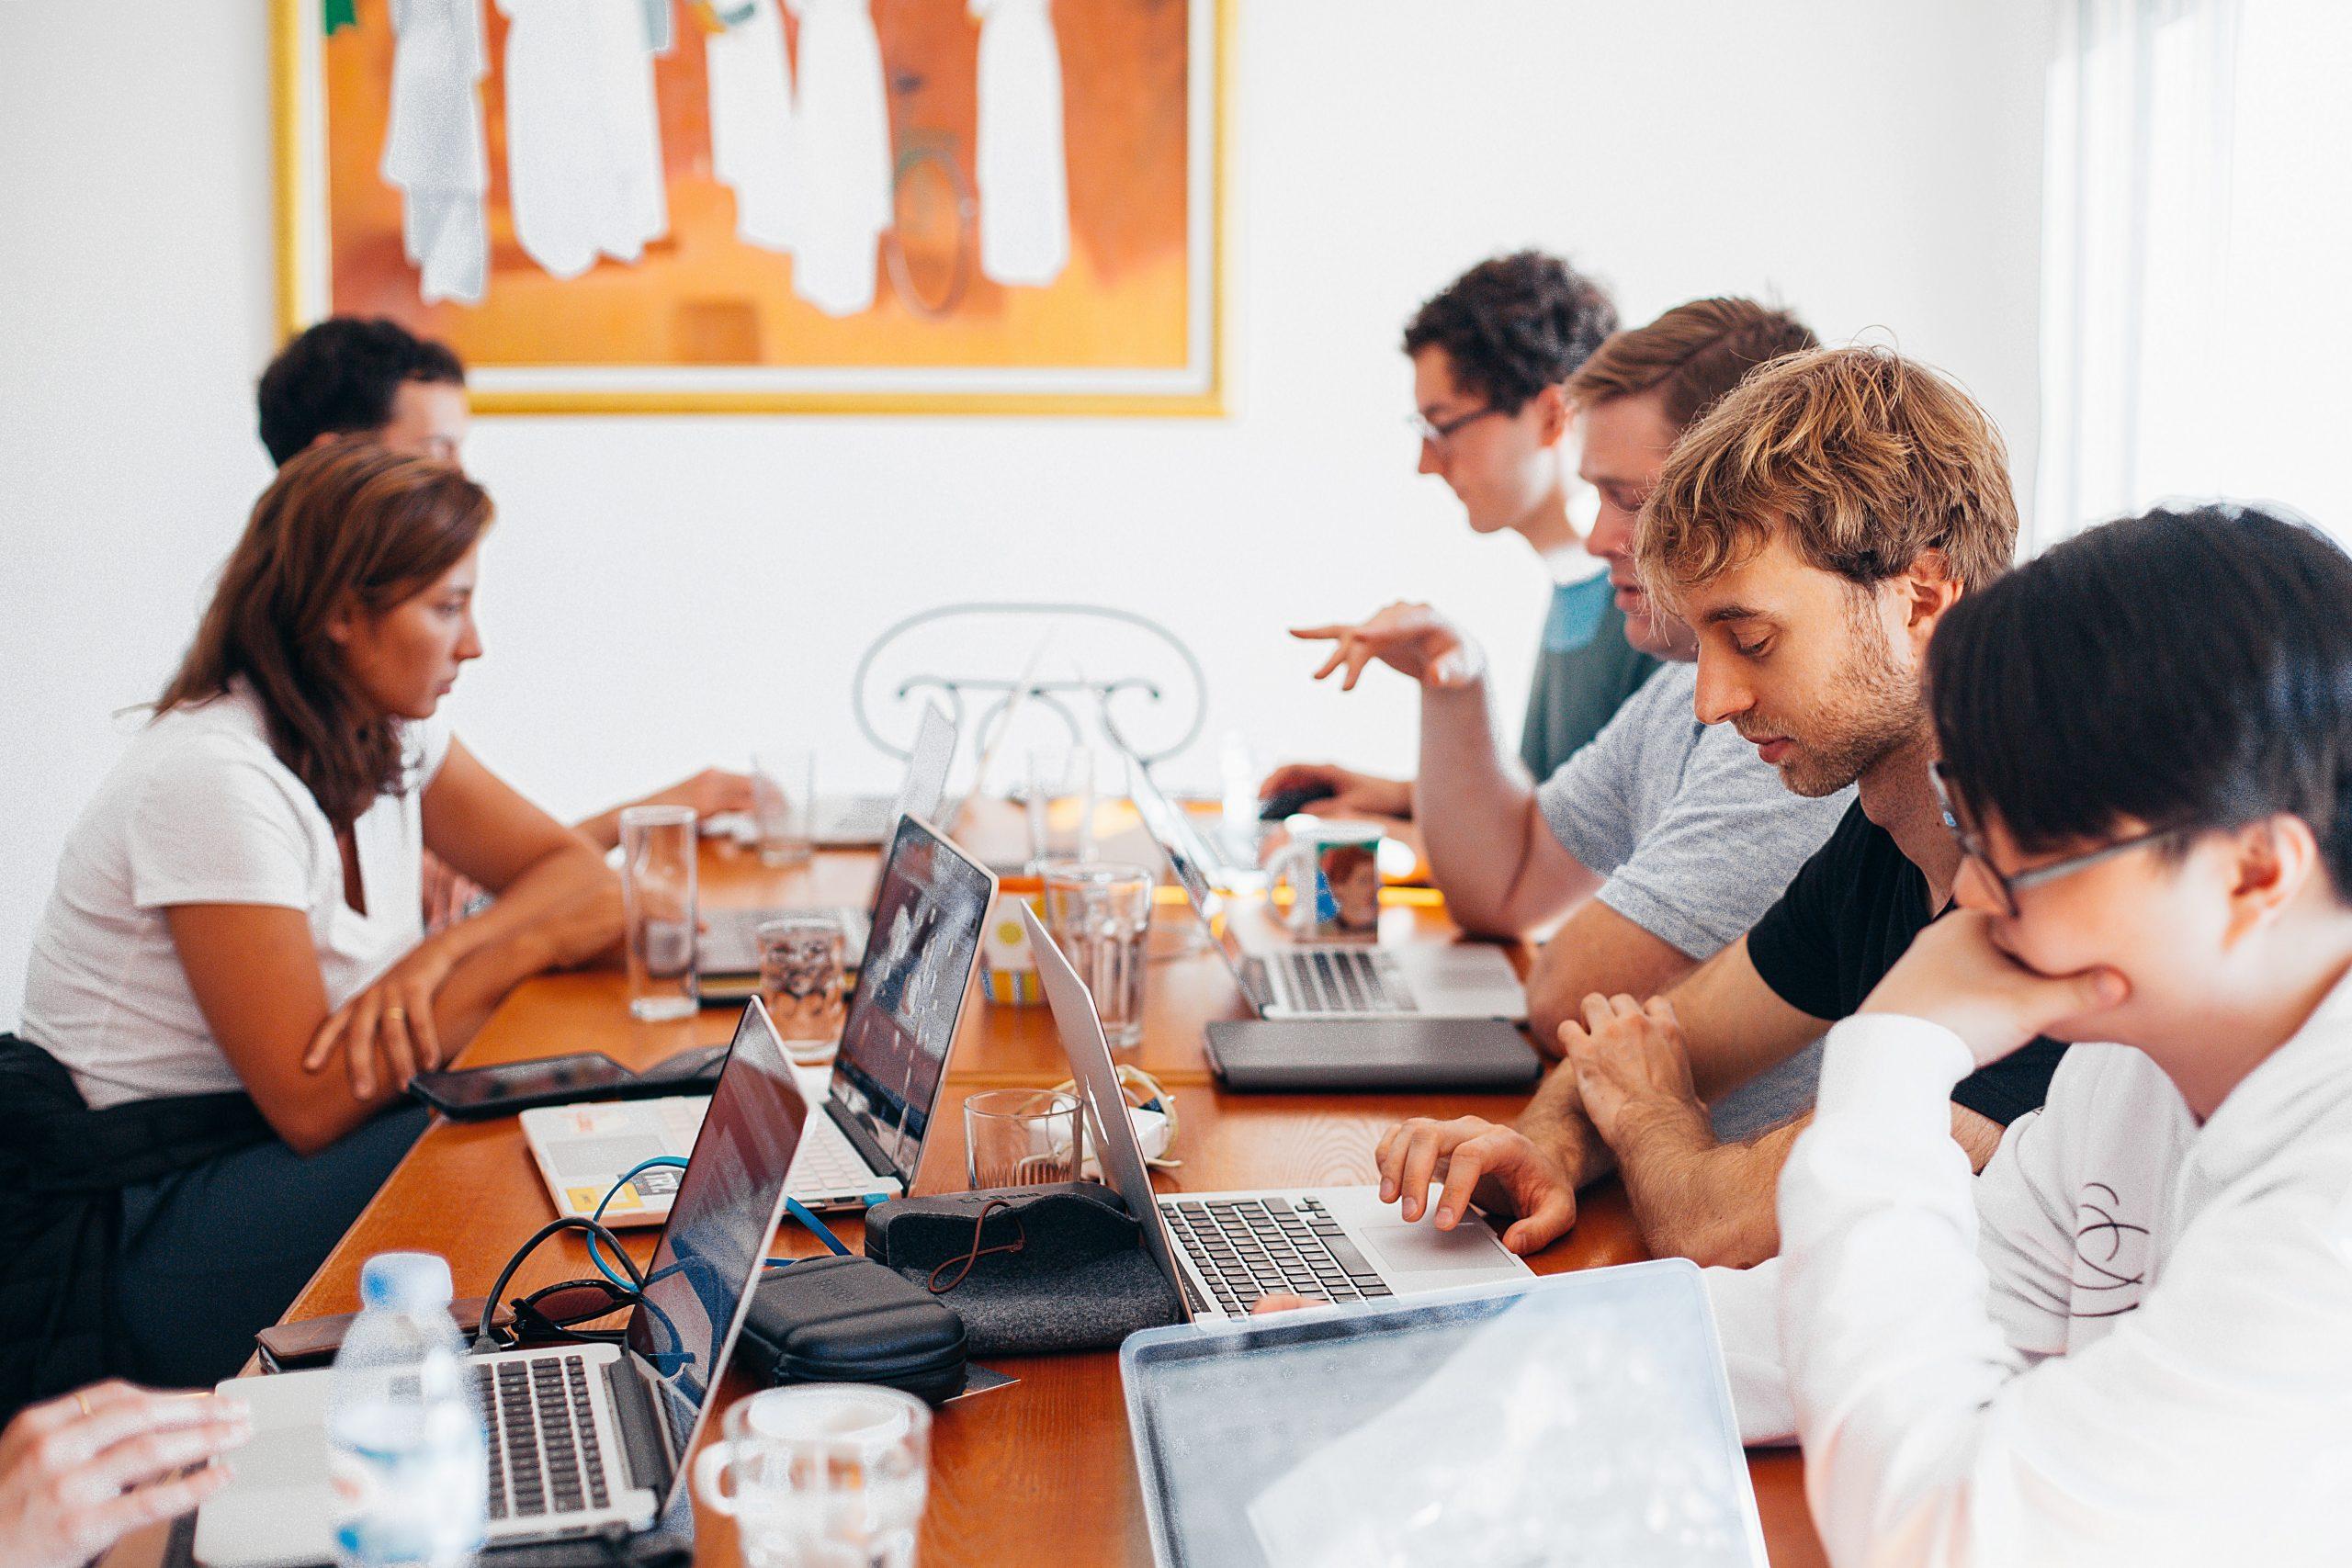 Entenda a resistência às mudanças, nos processos de gestão, de seus colaboradores.